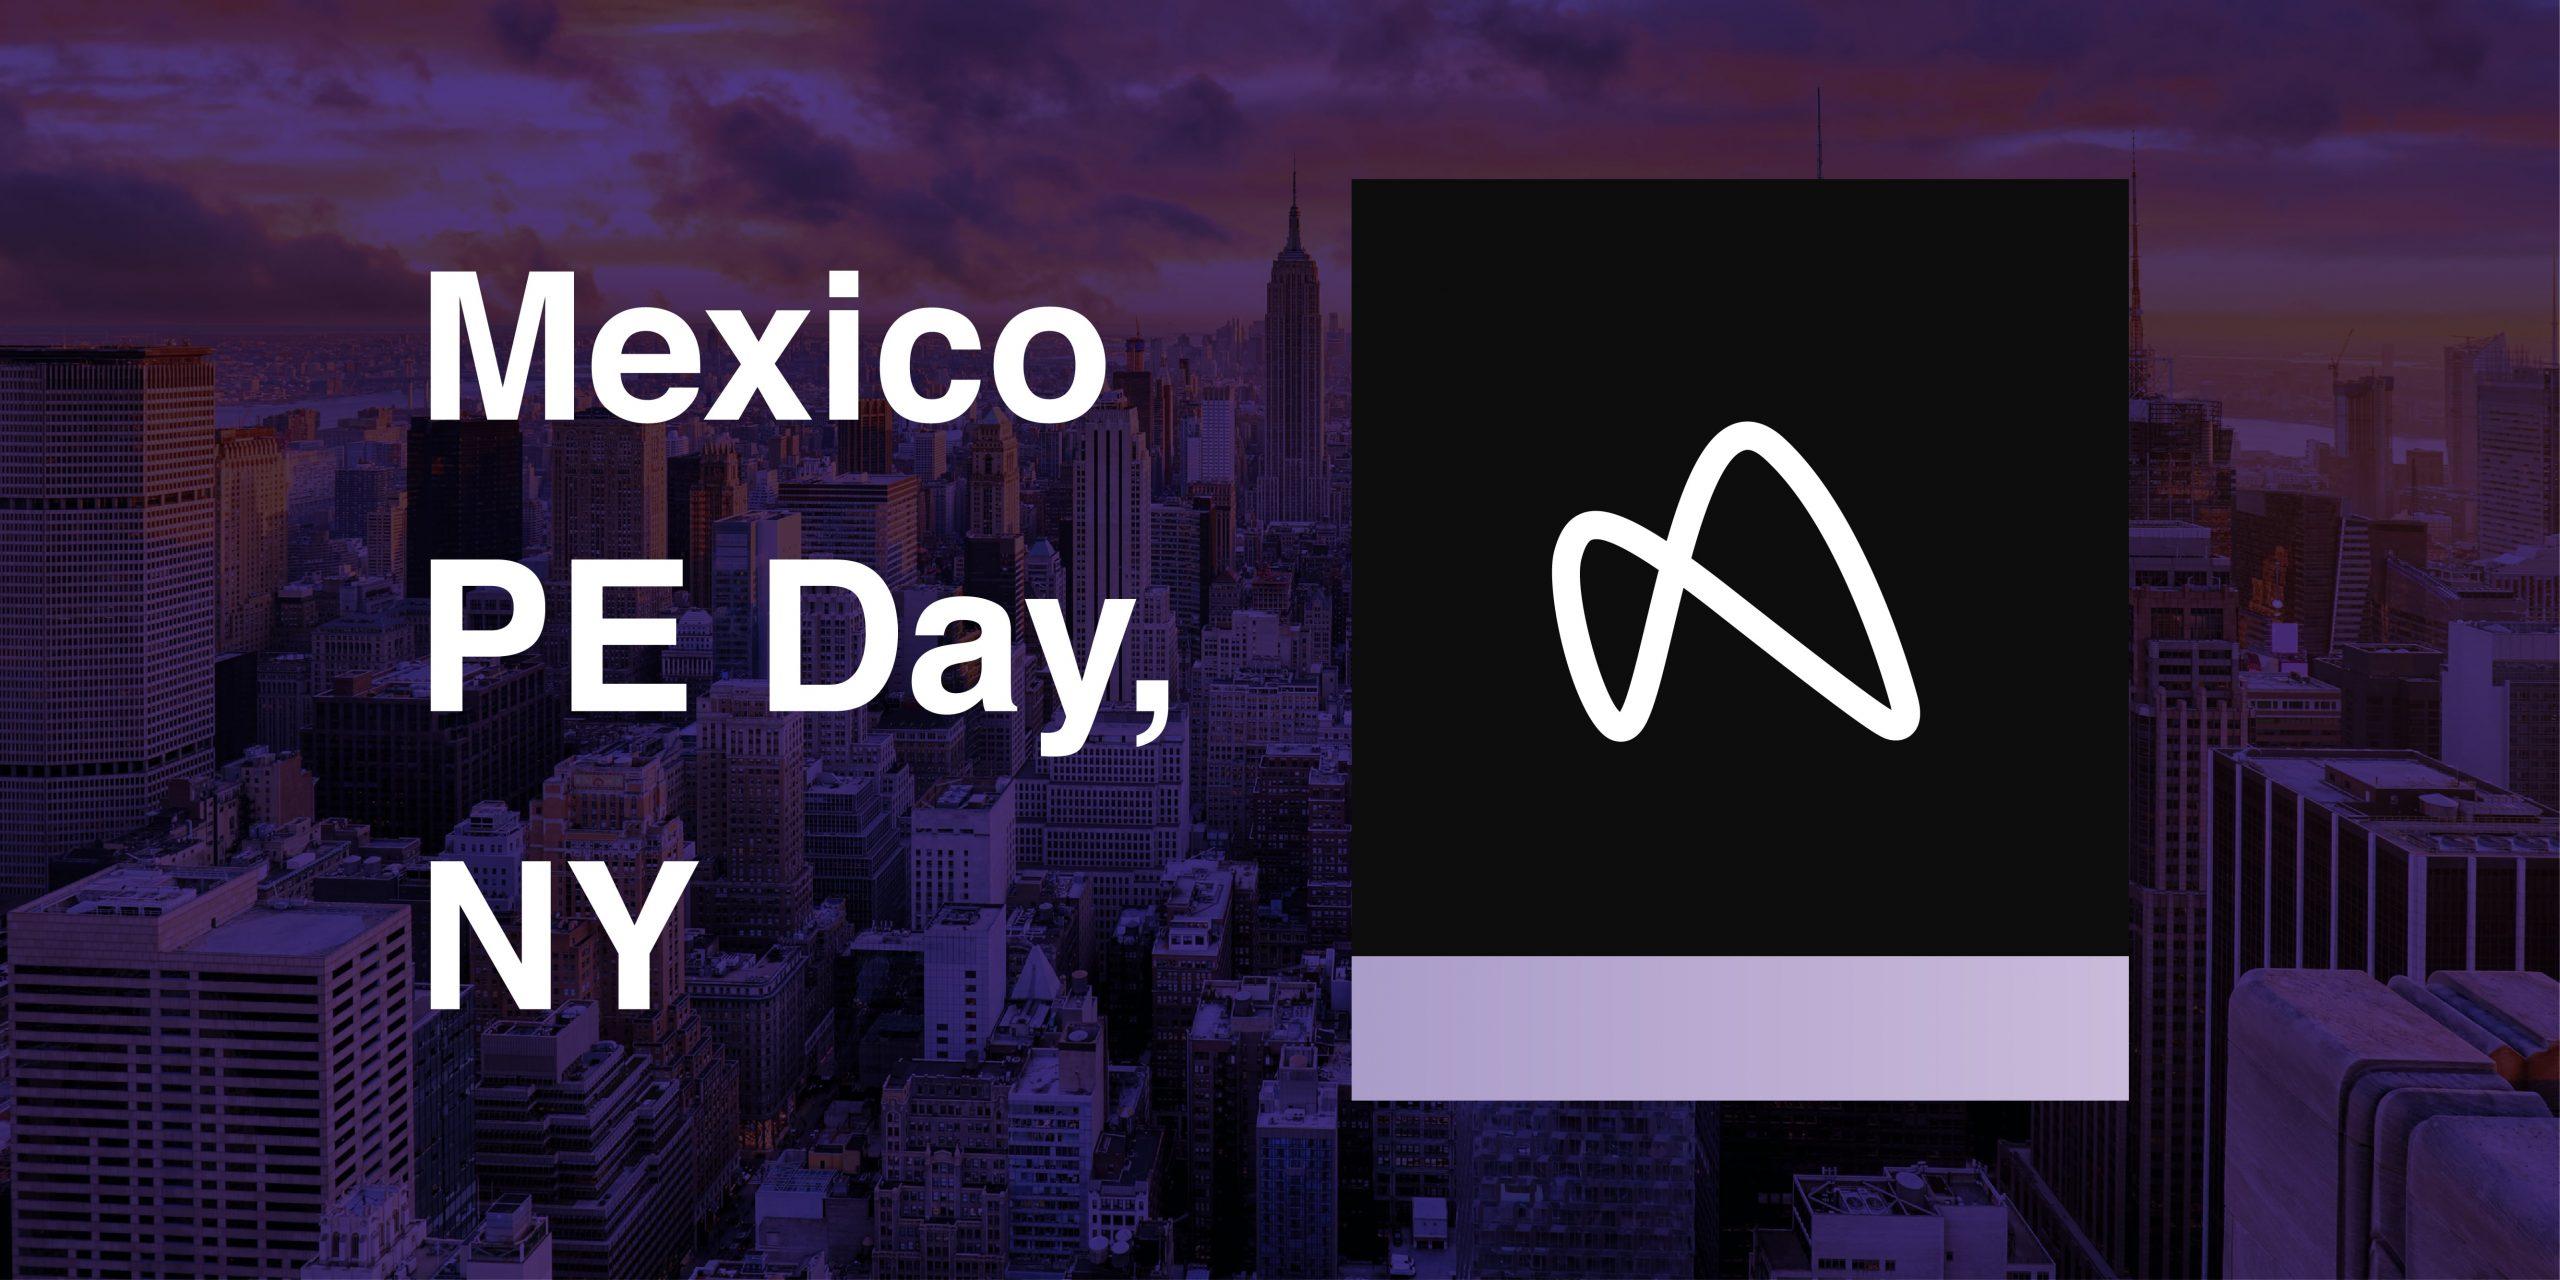 México PE Day NY